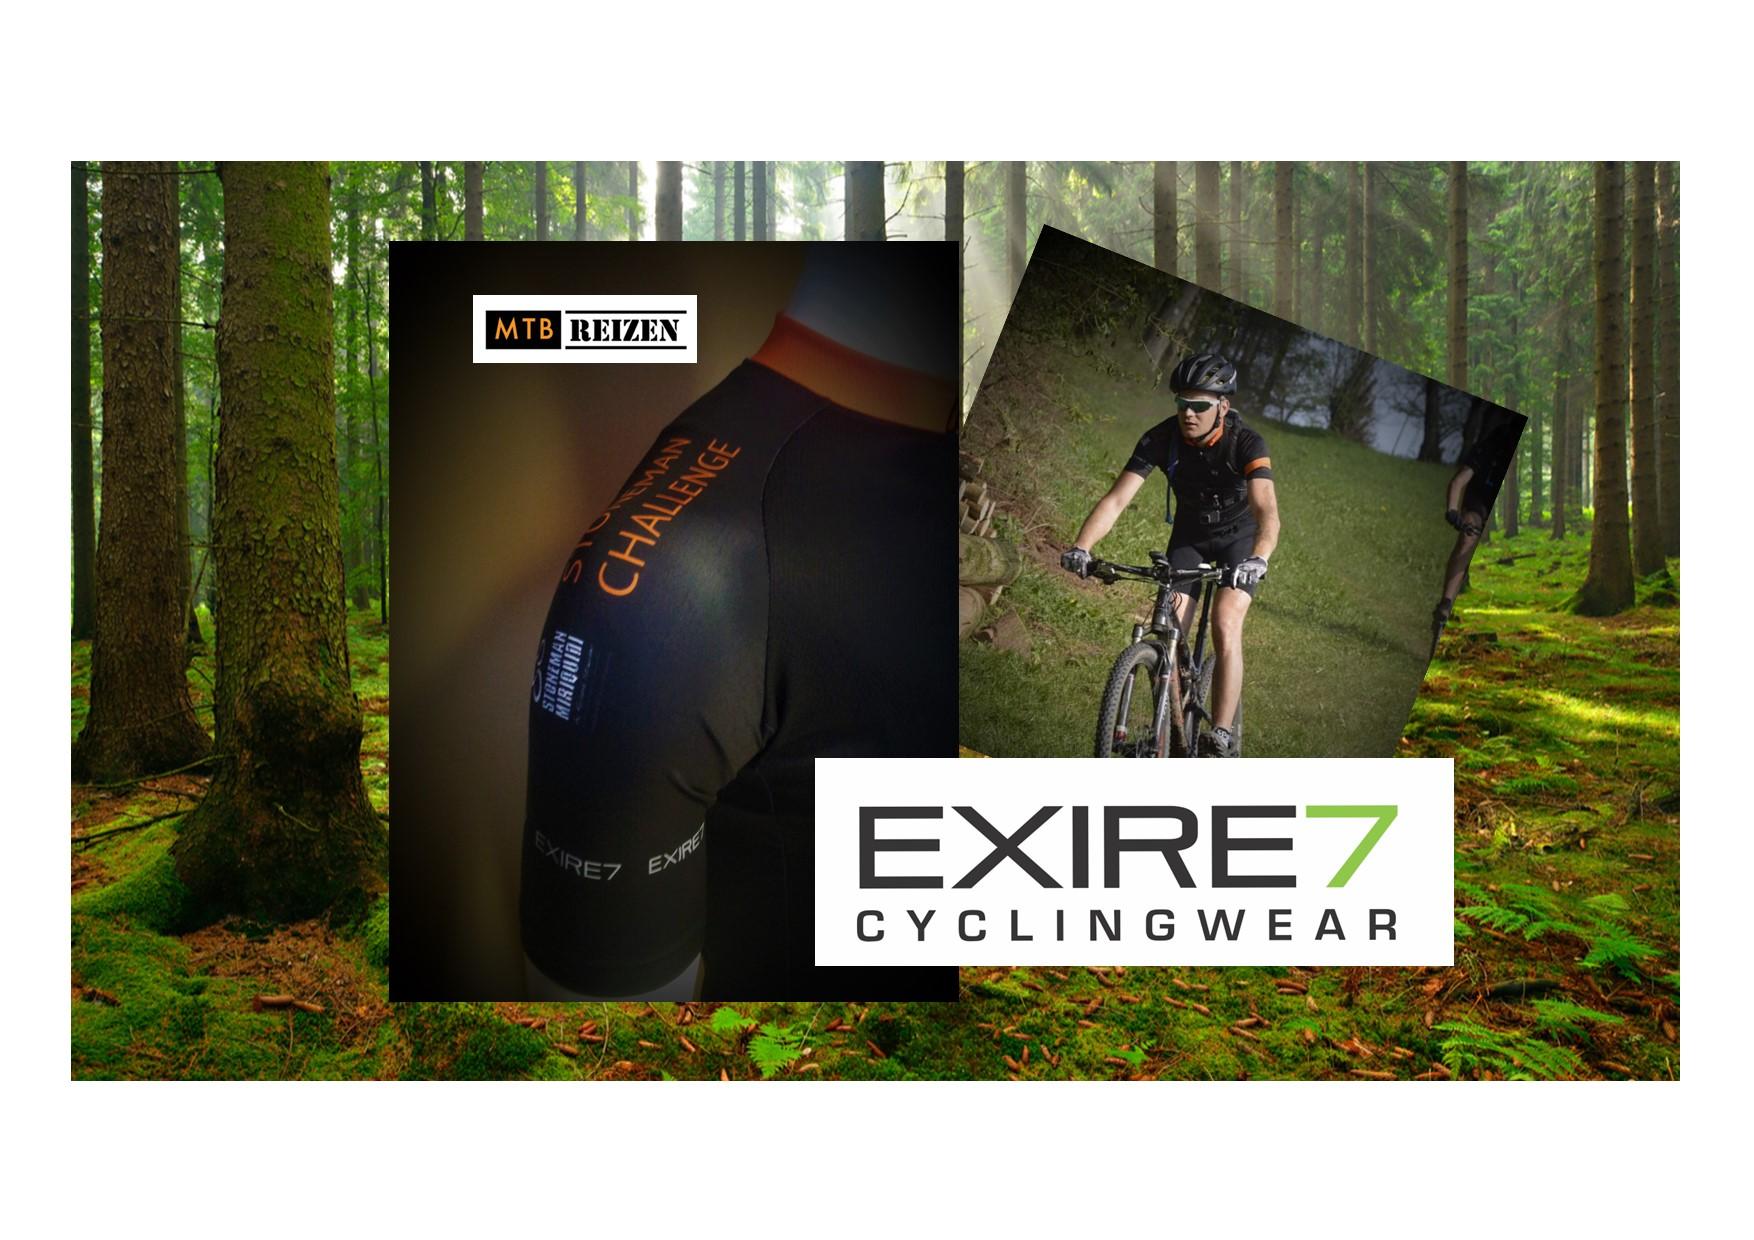 EXIRE7 - cyclingwear - Stoneman partner